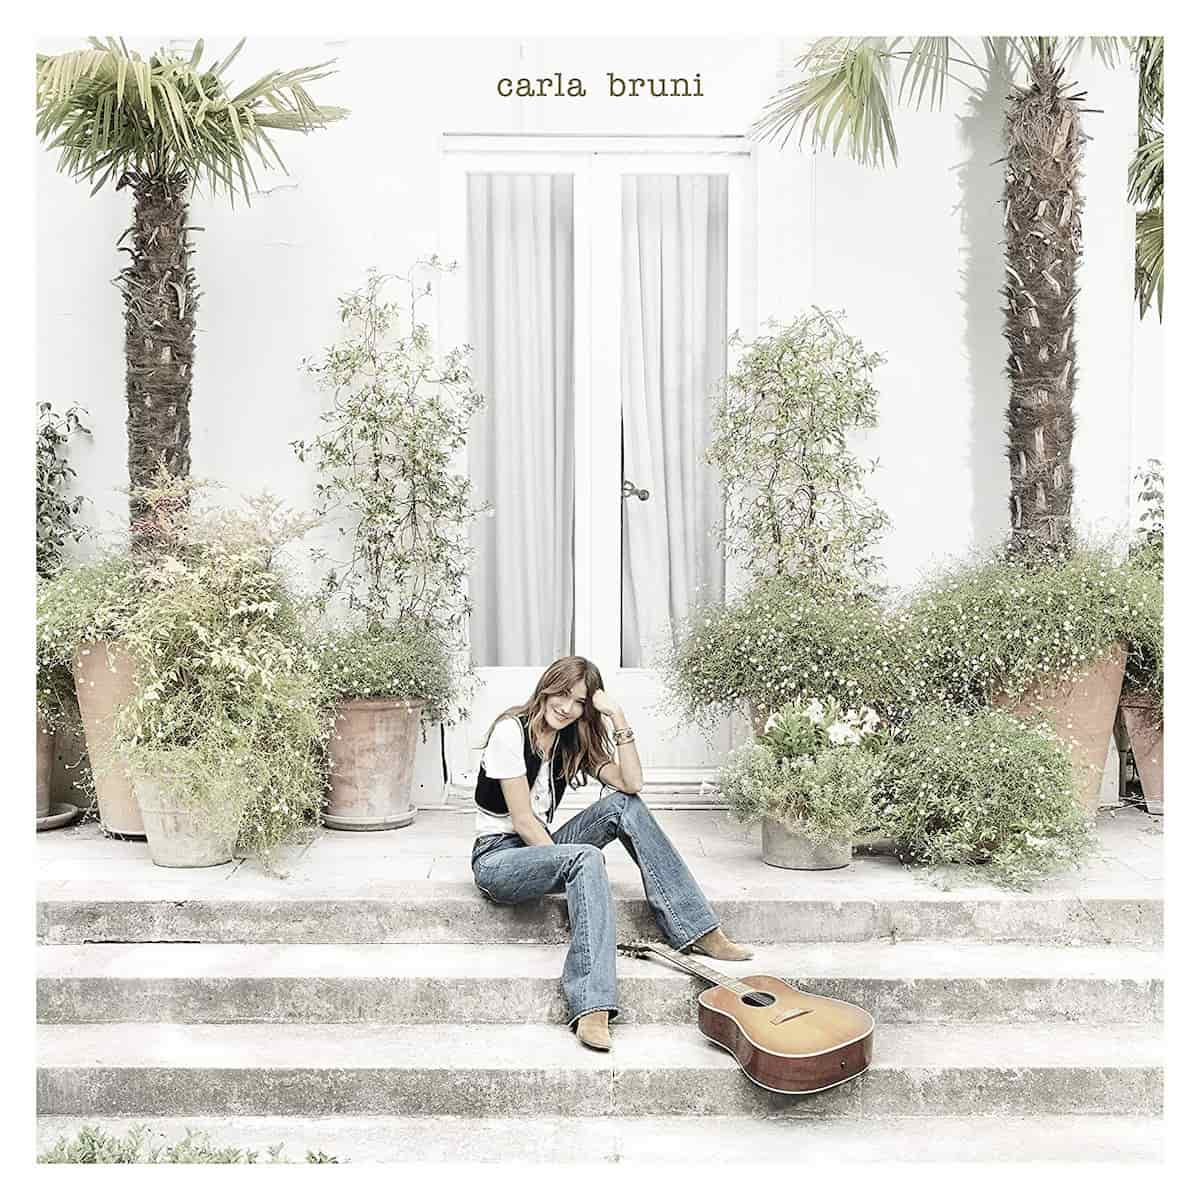 Carla Bruni veröffentlicht neues Album - Einfach schöne, französische Lieder